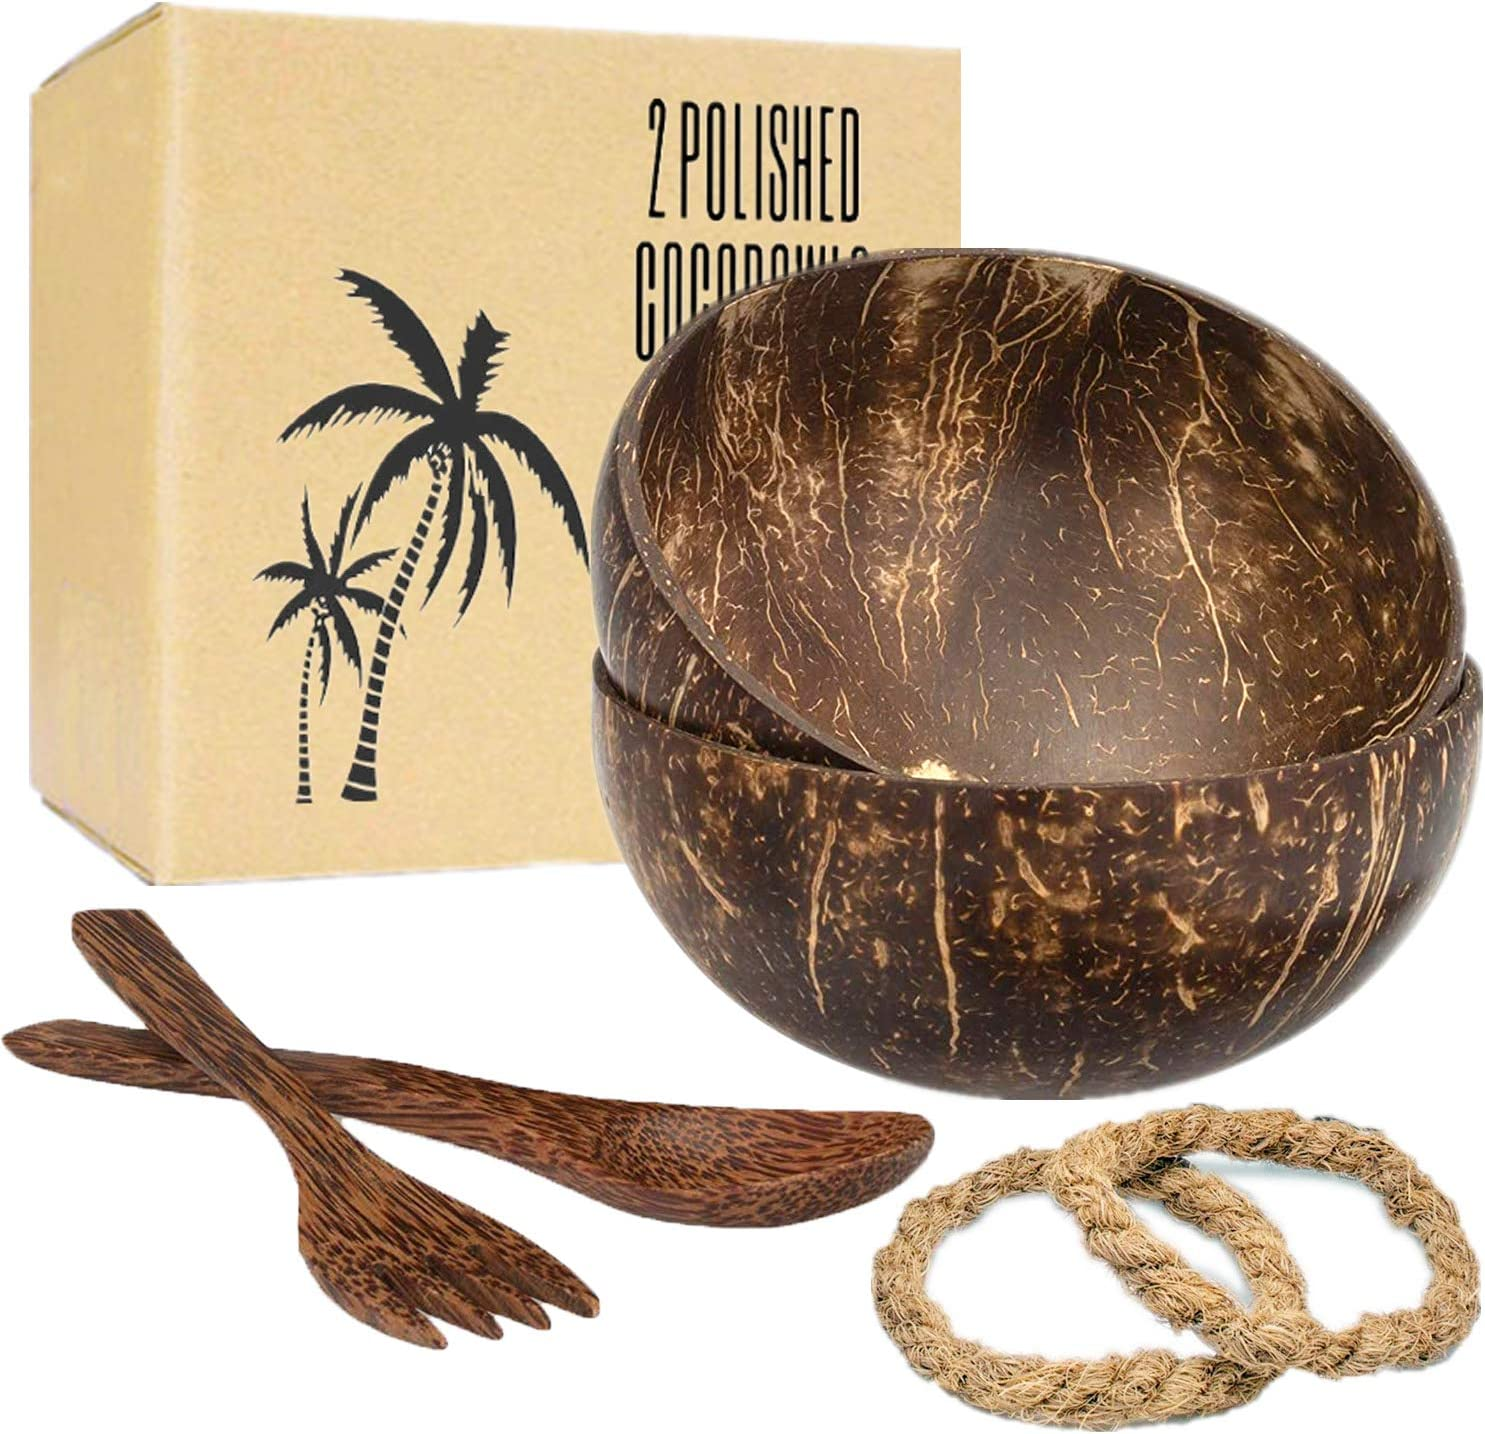 RoserRose Set de 2 Boles de Coco con Cubiertos, Buddha Bowl, Coconut Bowl, Cuenco de Madera, 100% Natural, Ecológico y Sostenible, Hecho a Mano, Tazones de Coco Natural